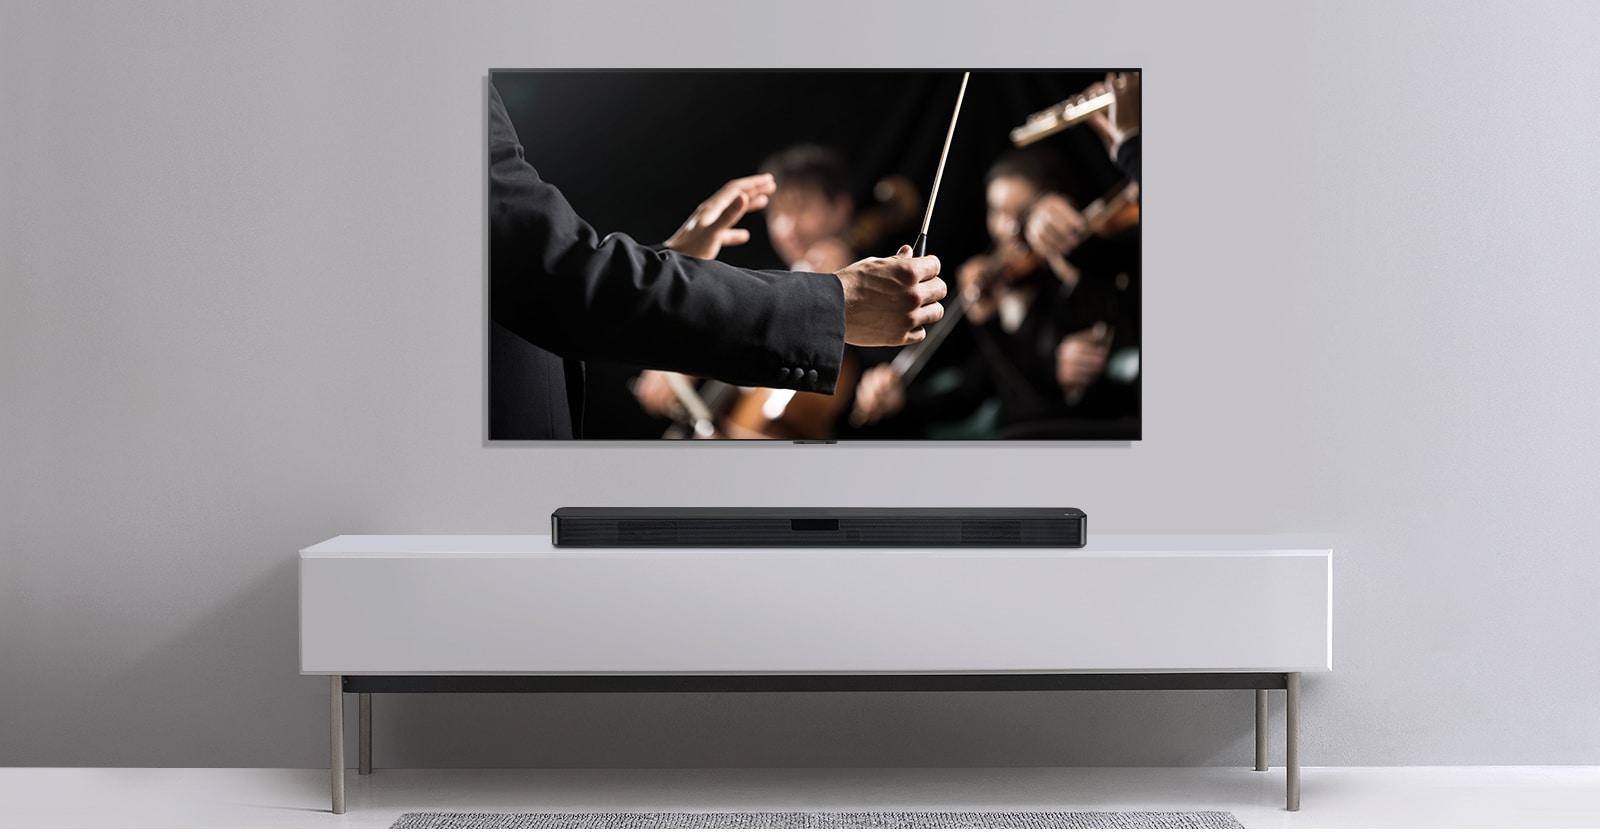 Na sivom zidu nalazi se televizor, a ispod njega na sivoj polici zvučnik LG Sound Bar. Na televizoru je prikazan dirigent koji dirigira orkestrom.